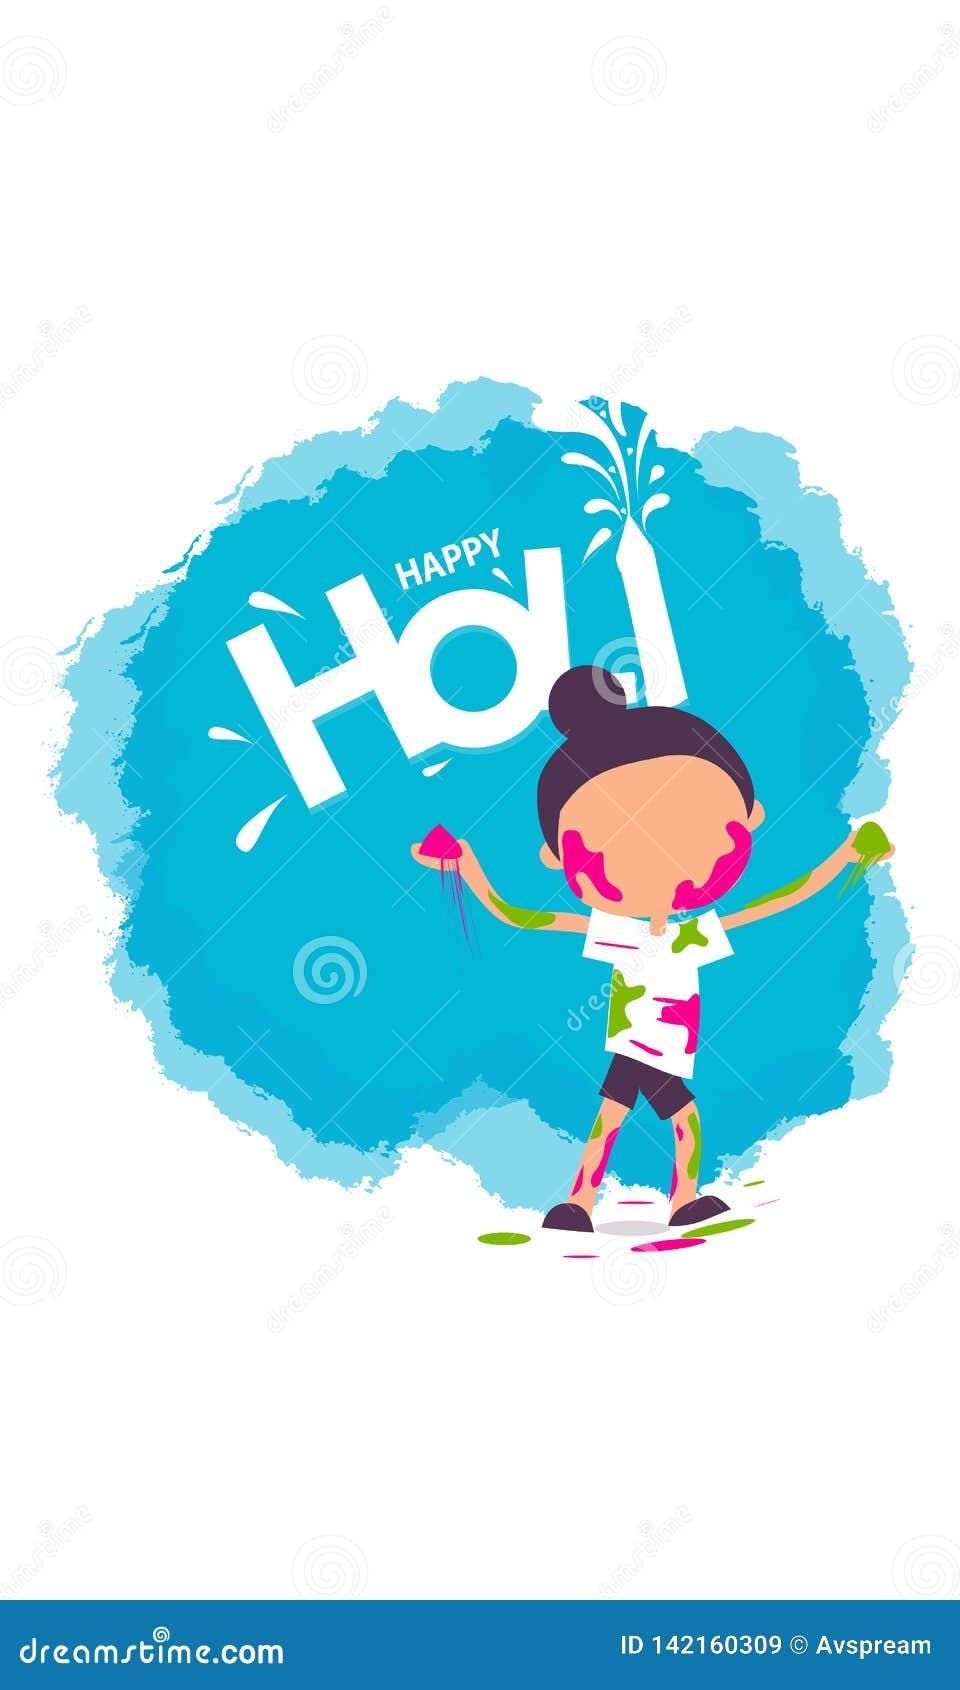 Illustrazione del fondo felice variopinto di Holi per il festival dei saluti di celebrazione di colori - vettore